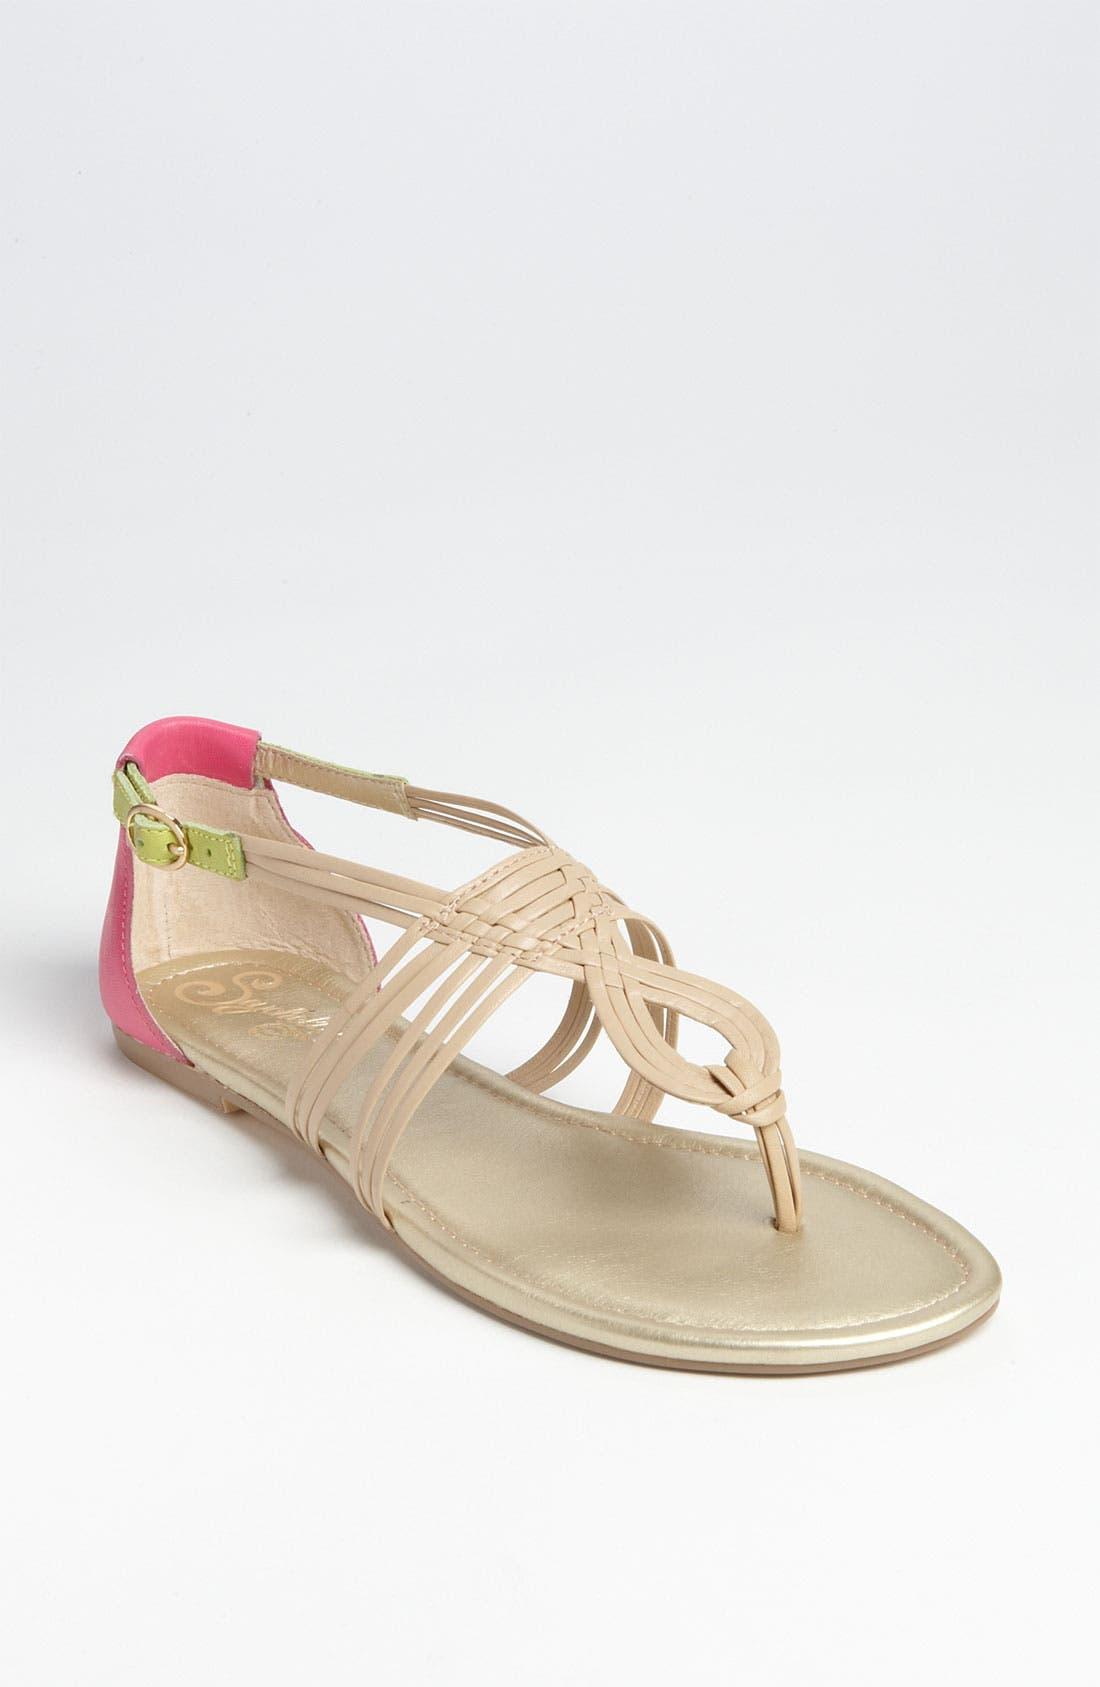 Main Image - Seychelles 'Coy' Sandal